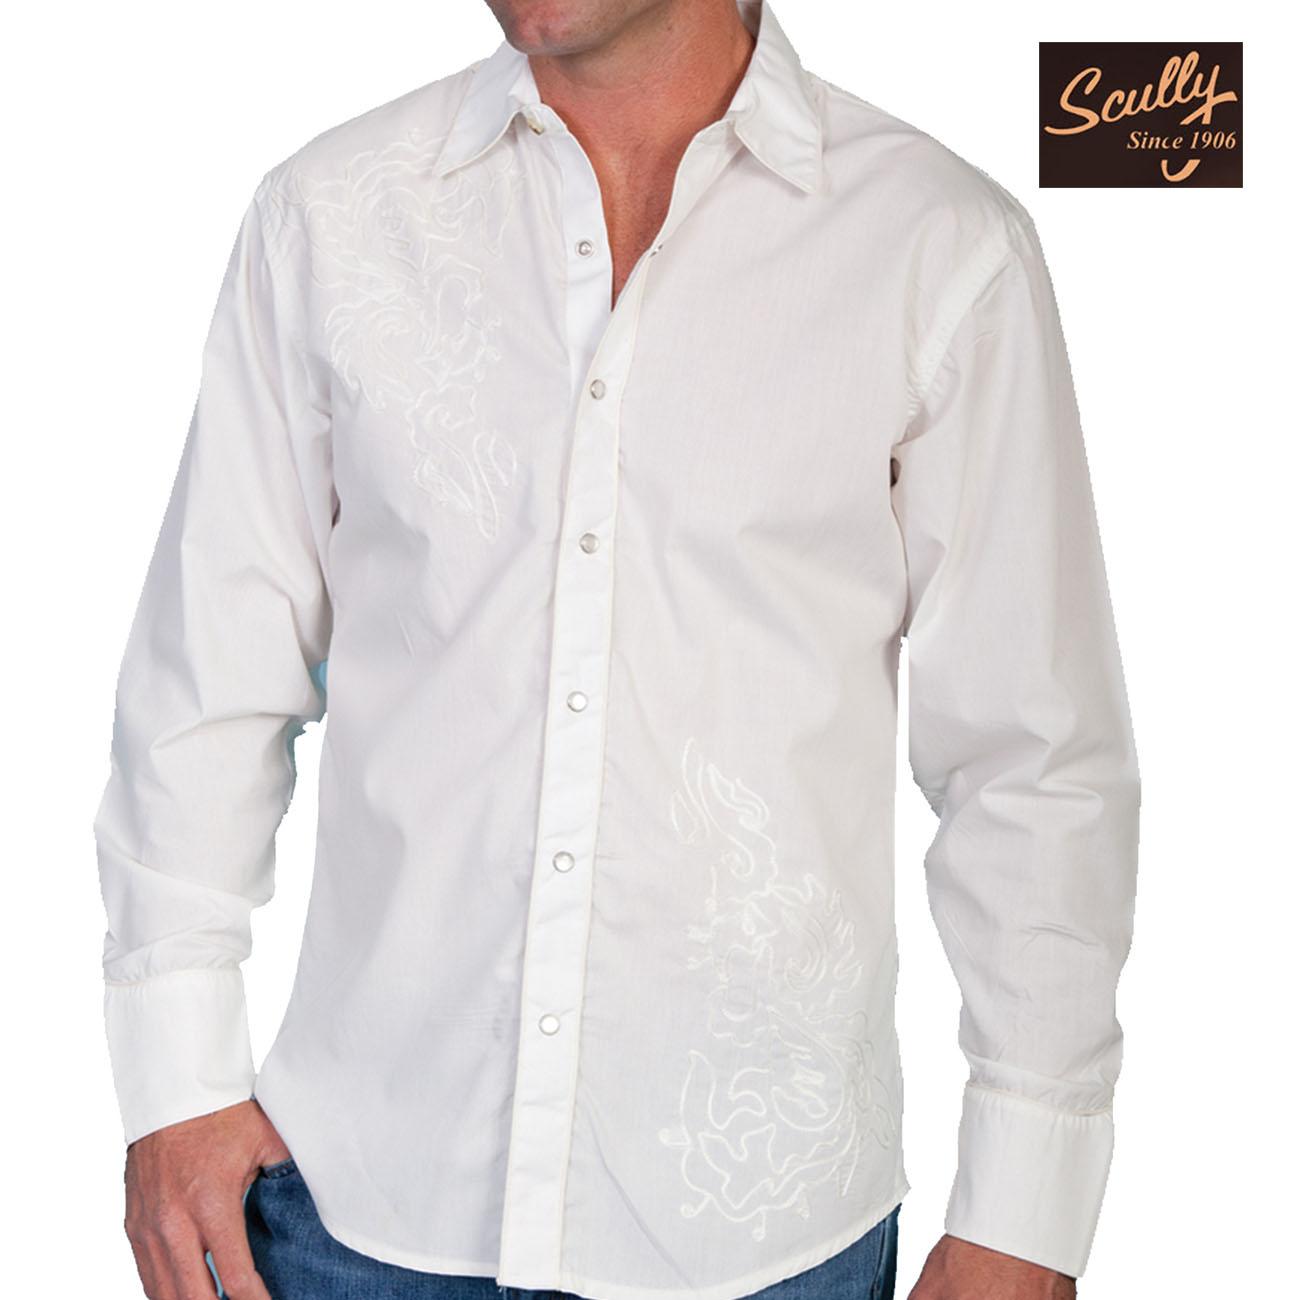 画像1: スカリー スナップフロント 刺繍 シャツ(長袖/ホワイト・フロント刺繍)/Scully Long Sleeve Embroidered Snap Front Shirt(Men's)